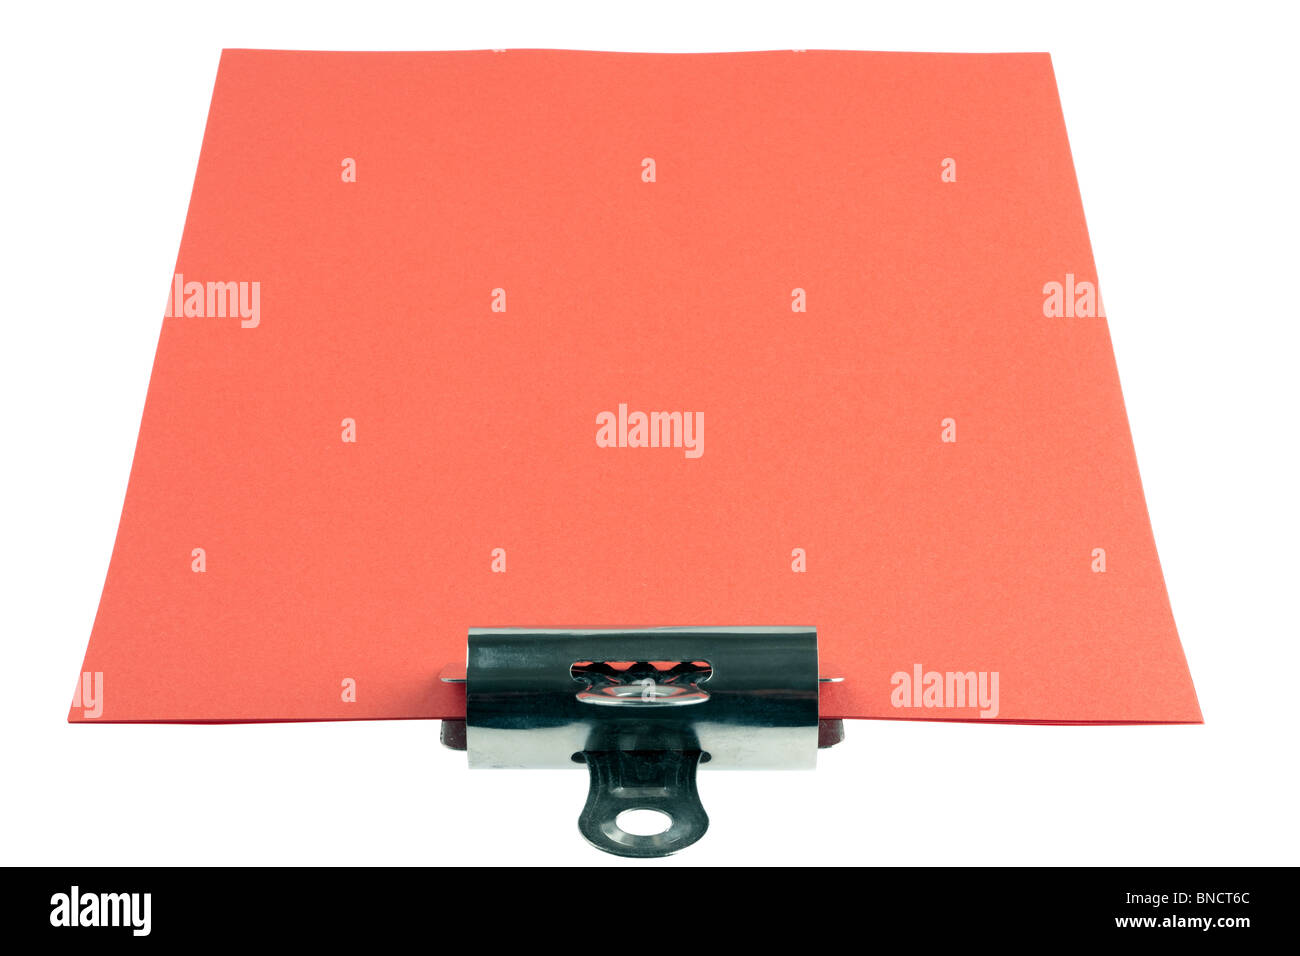 Fogli di red carta A4 e bulldog clip Immagini Stock